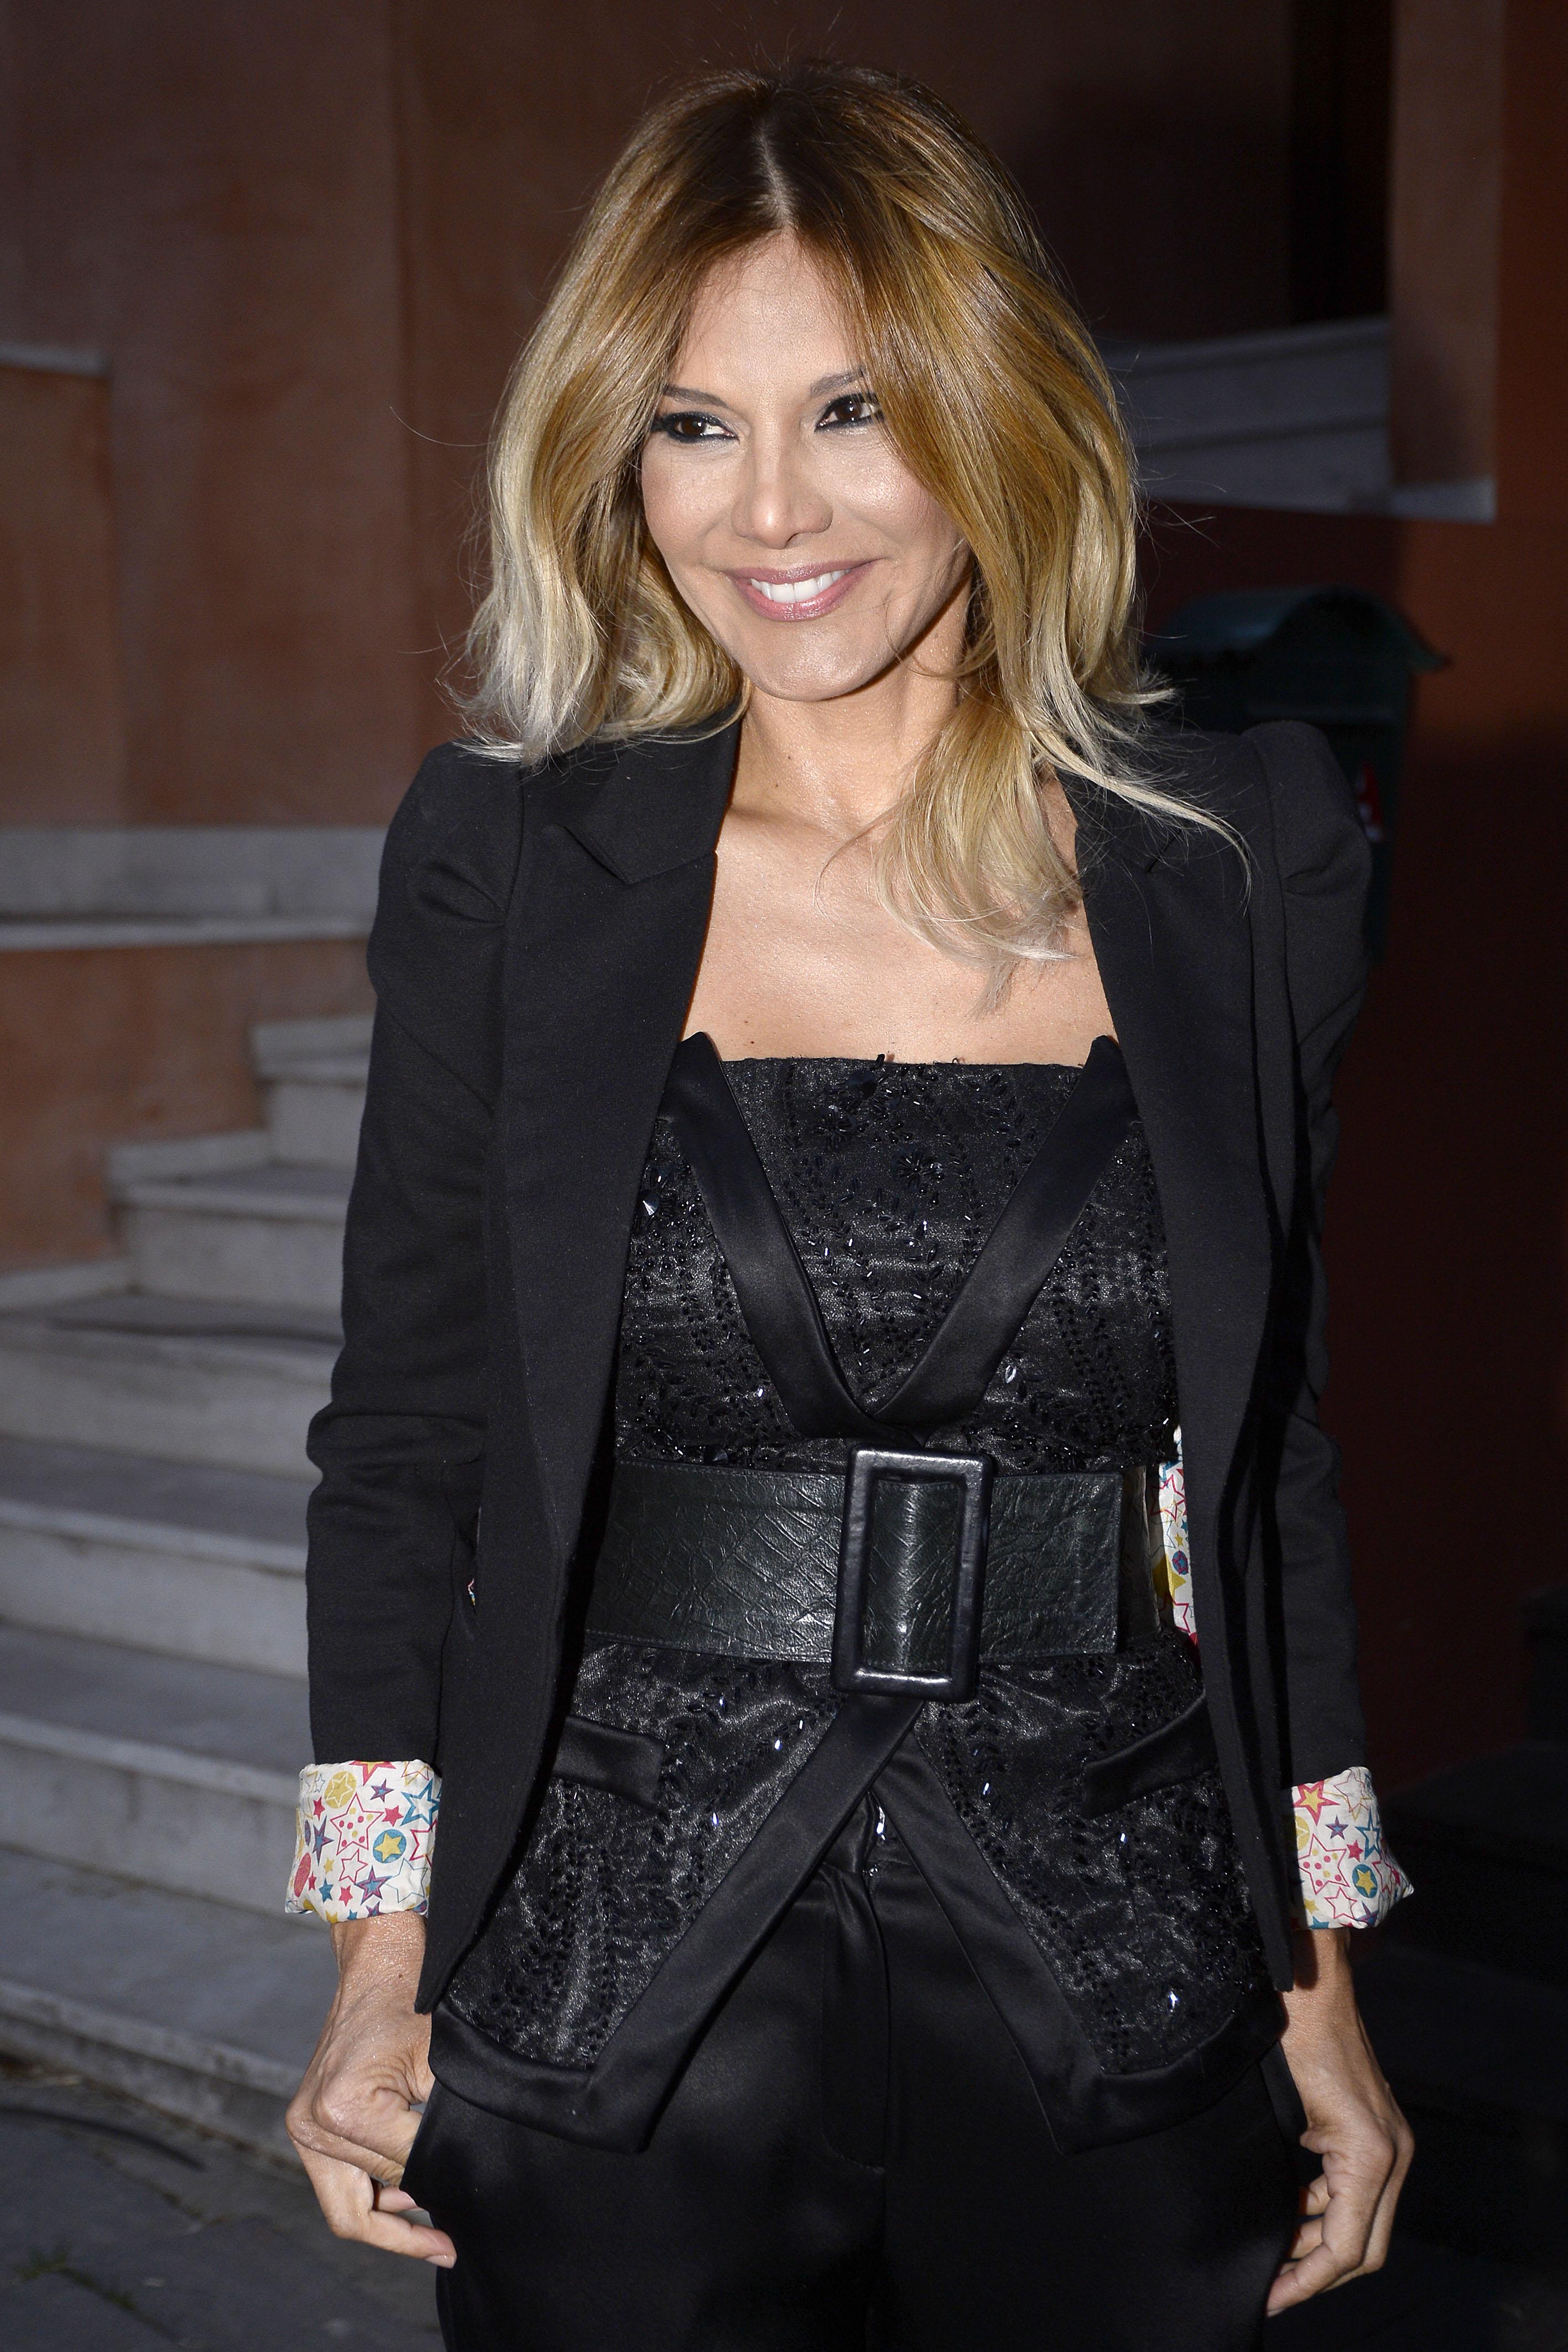 La presentadora Ivonne Reyes por las calles de Madrid. 12/03/2017